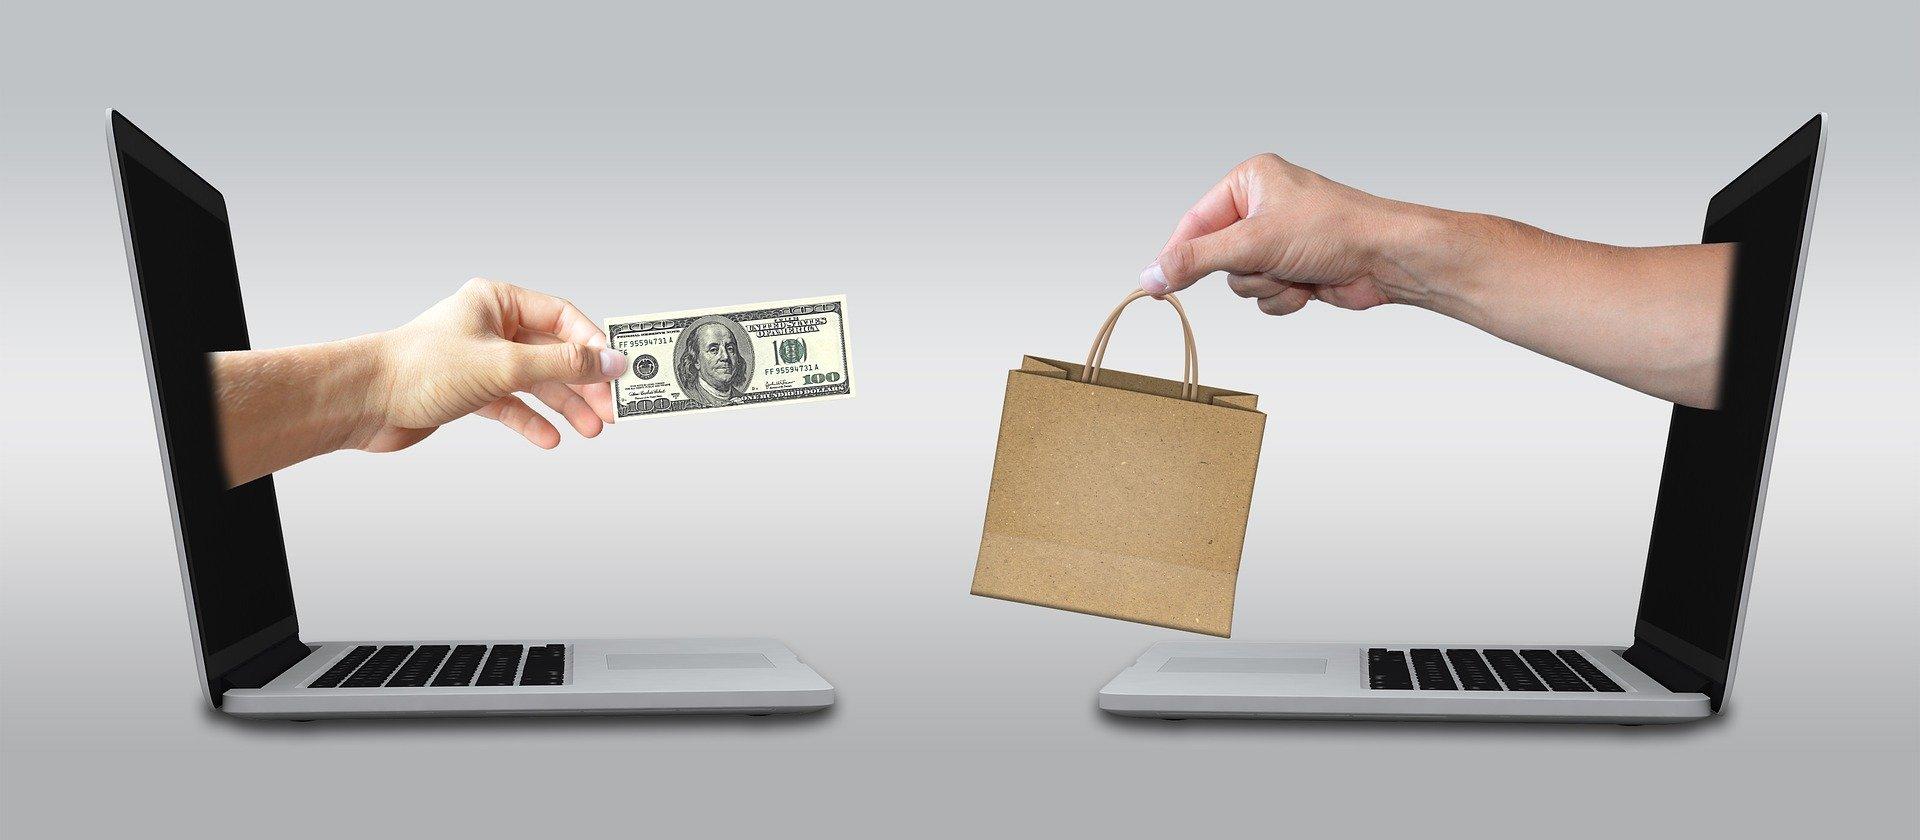 VALIANS - La croissance d'e-commerce en Pologne